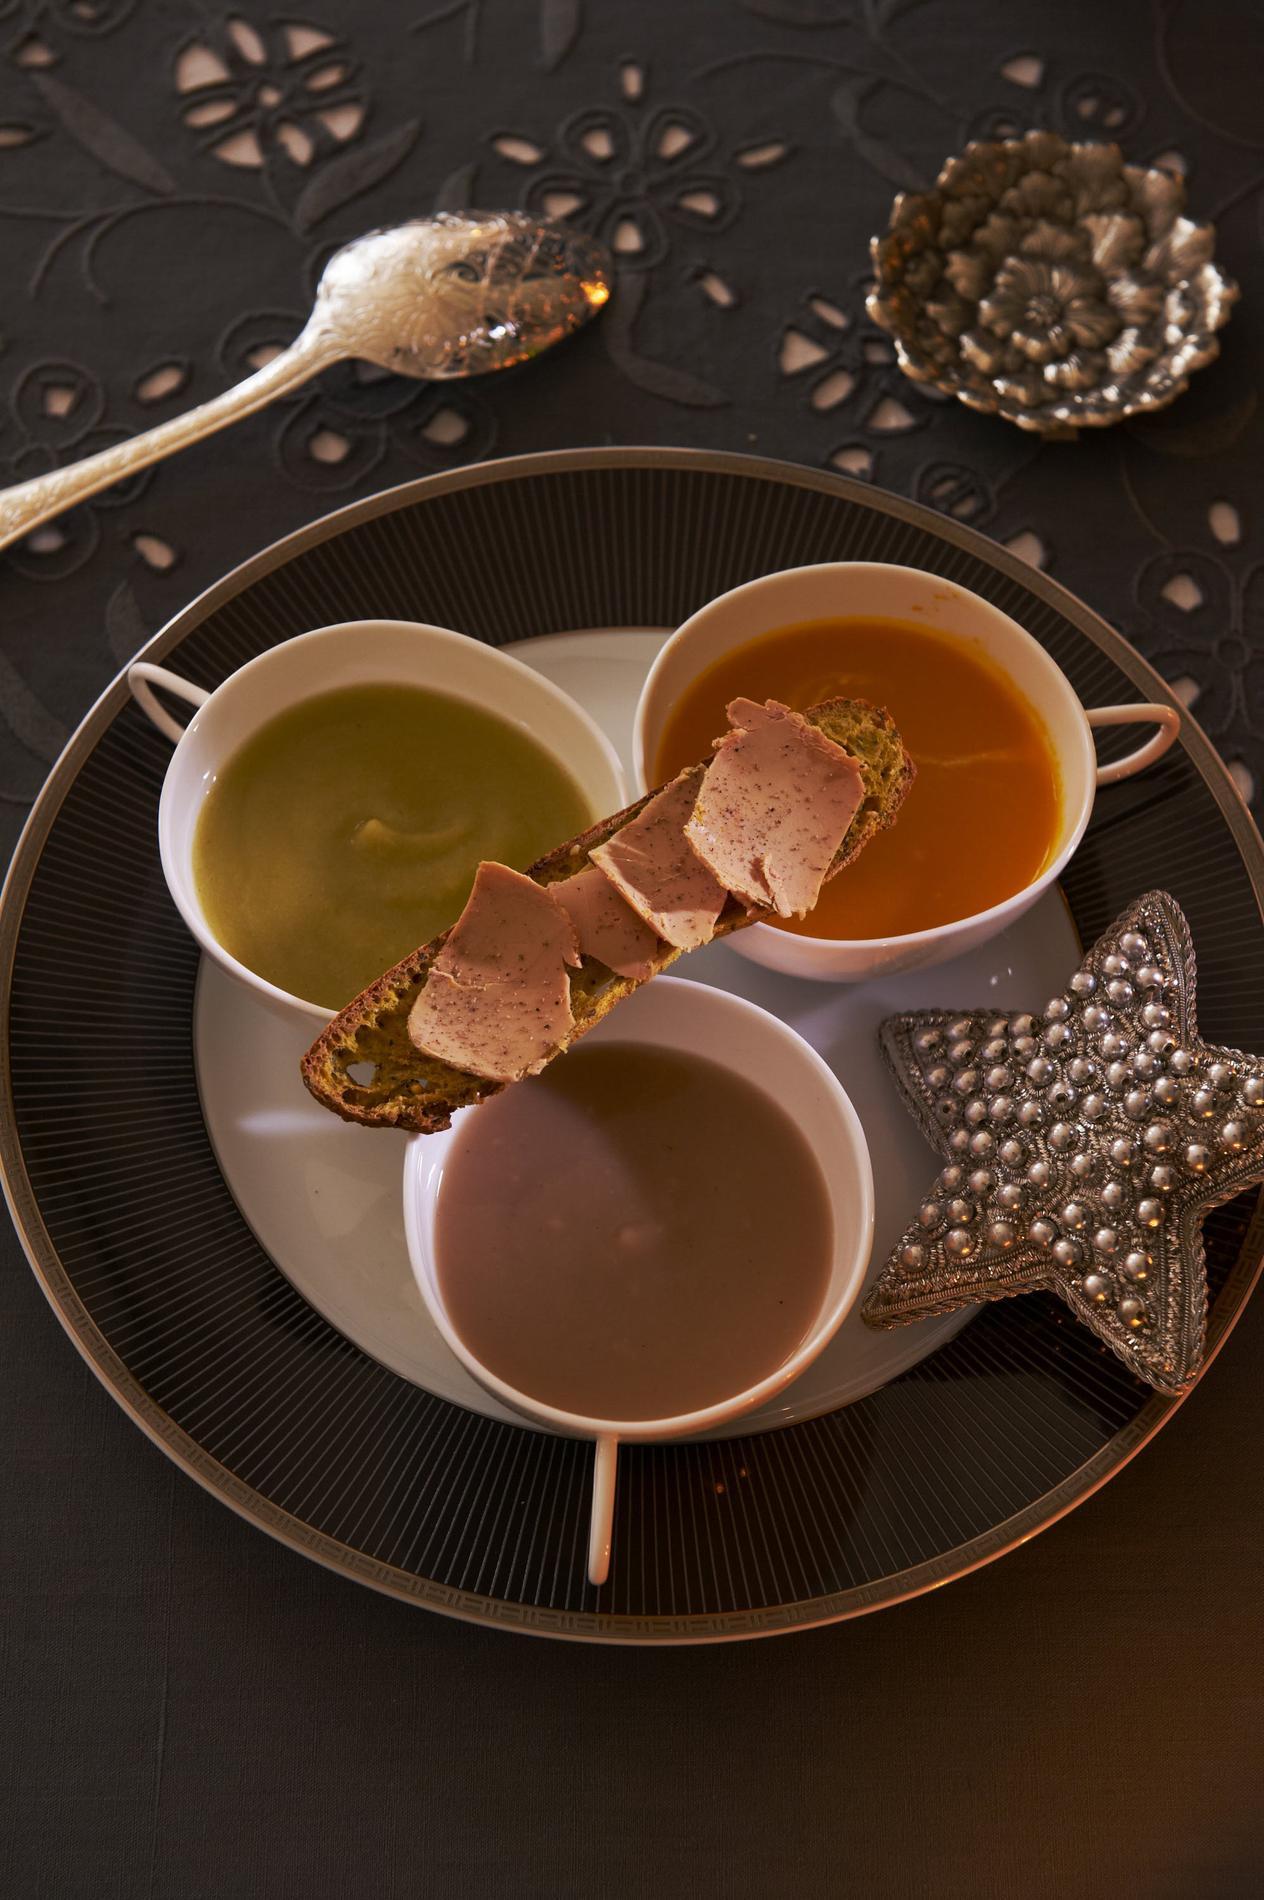 recette velout de l gumes et tartine de foie gras cuisine madame figaro. Black Bedroom Furniture Sets. Home Design Ideas